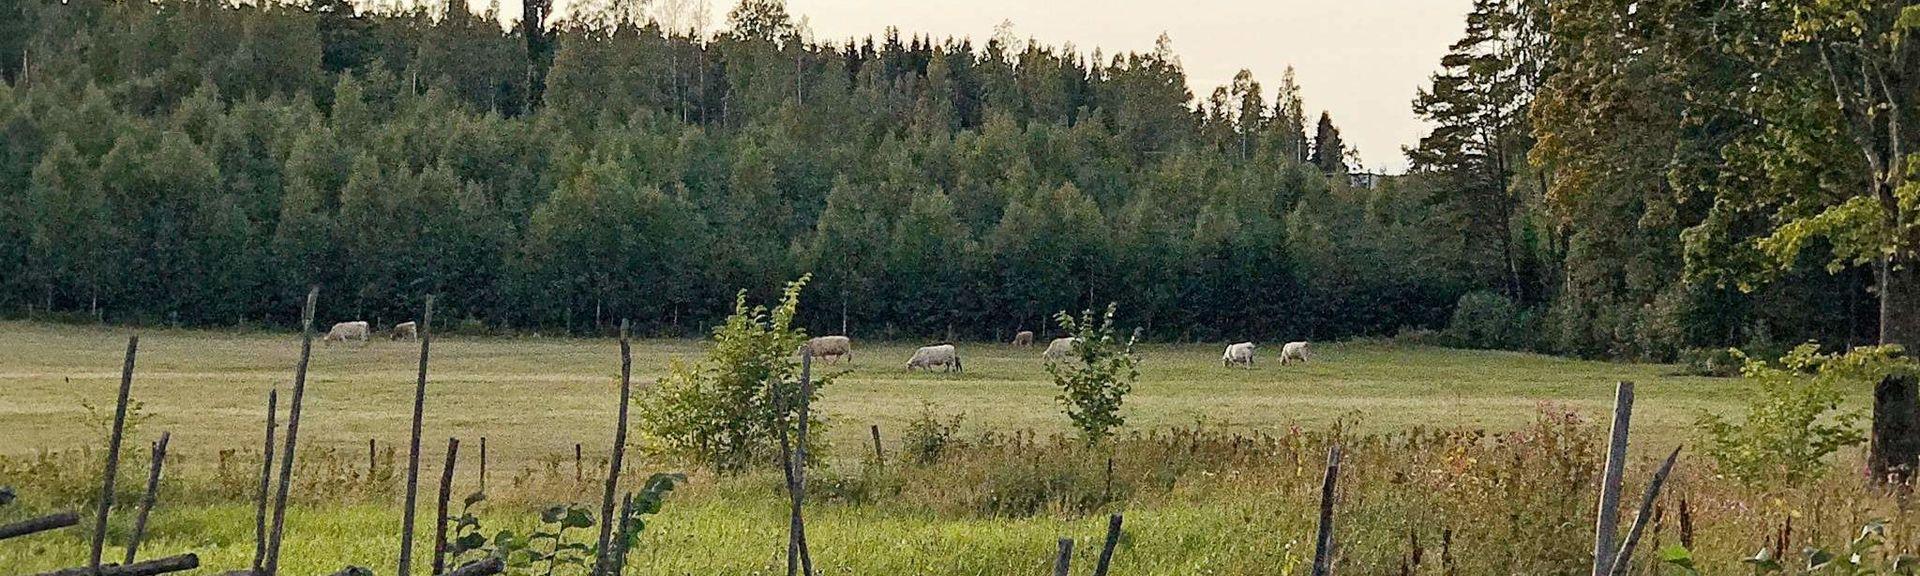 Hova, Västra Götalands län, Sverige